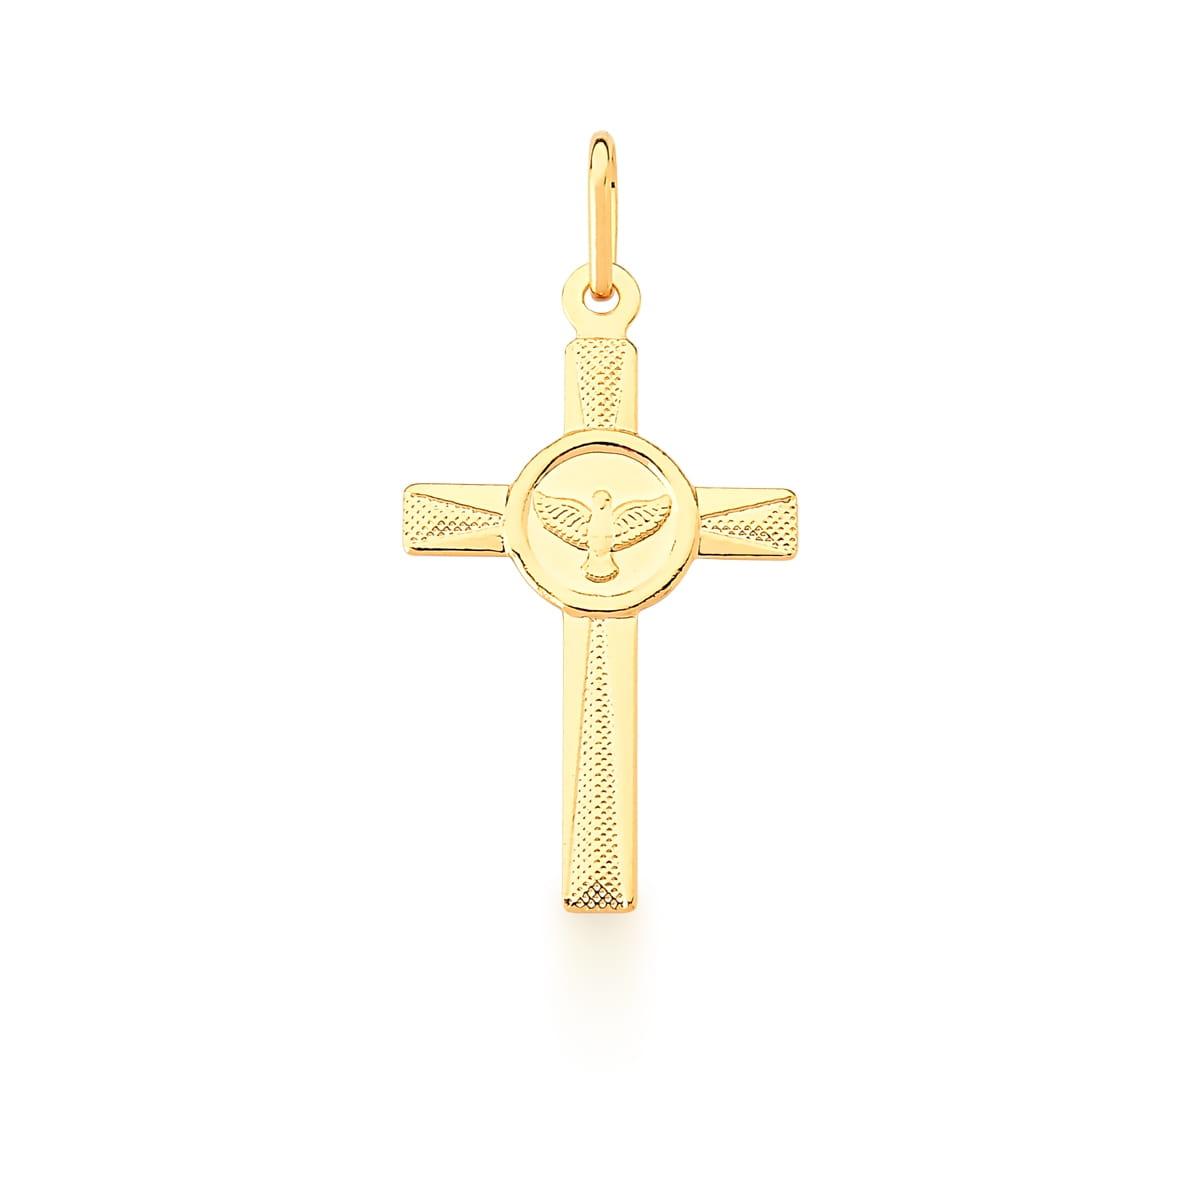 Pingente de Cruz com Divino Espírito Santo Liso Banhado a Ouro